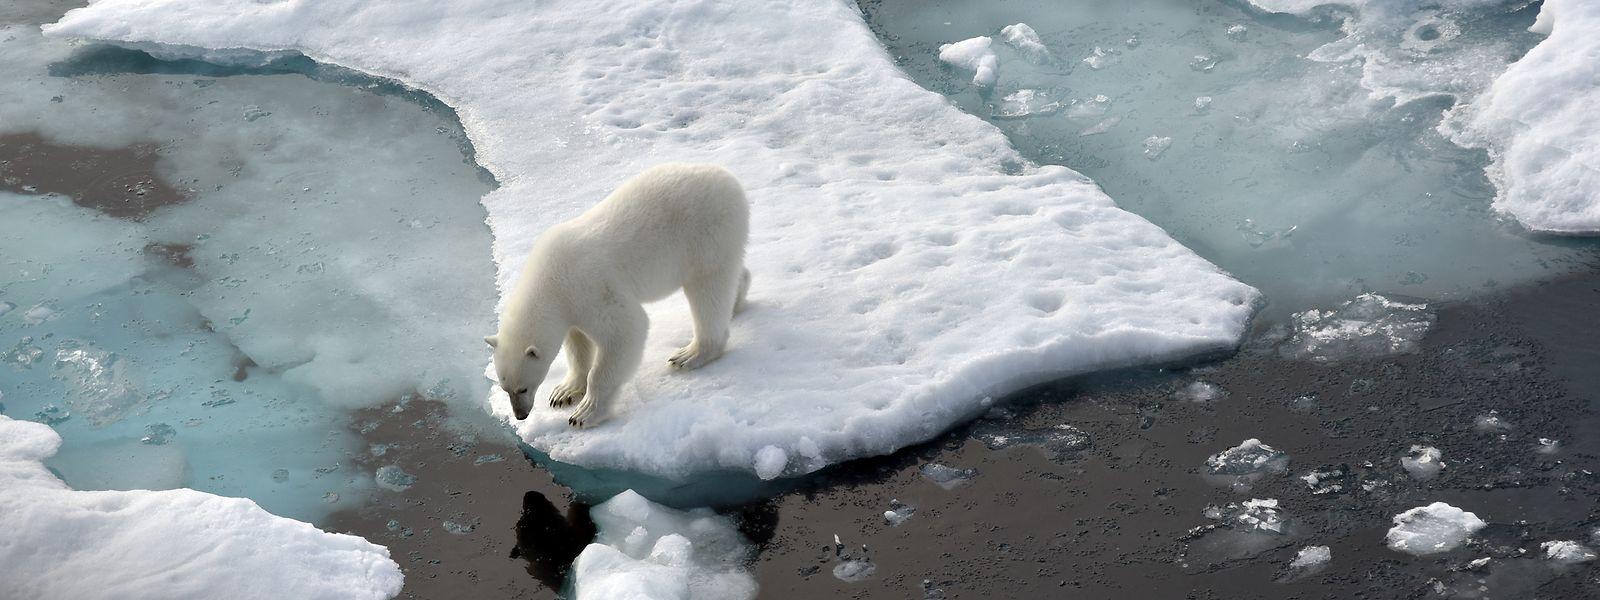 Damit es dem Eisbär auch morgen noch gut geht, muss auch Luxemburg seine Klimaaufgaben erledigen.